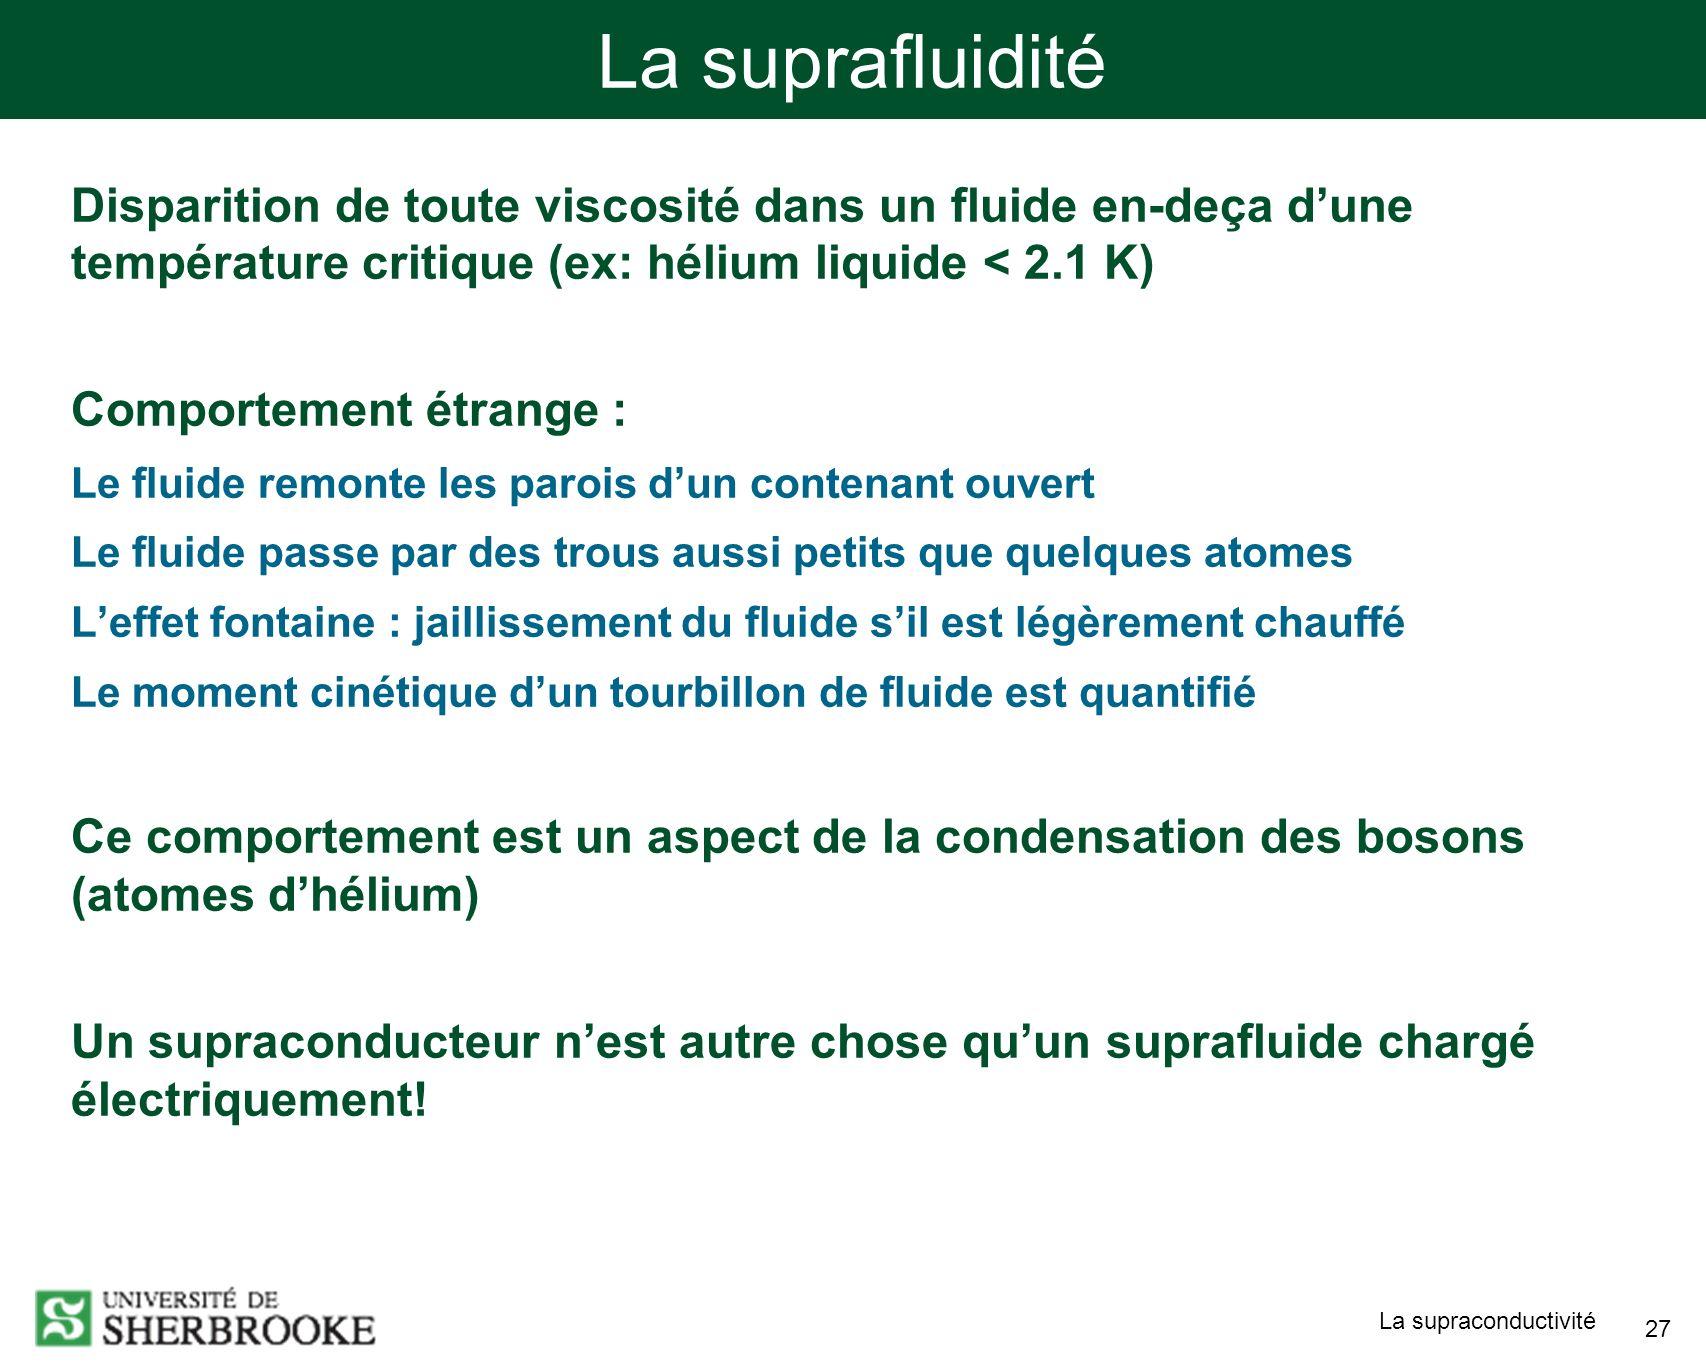 La suprafluidité Disparition de toute viscosité dans un fluide en-deça d'une température critique (ex: hélium liquide < 2.1 K)